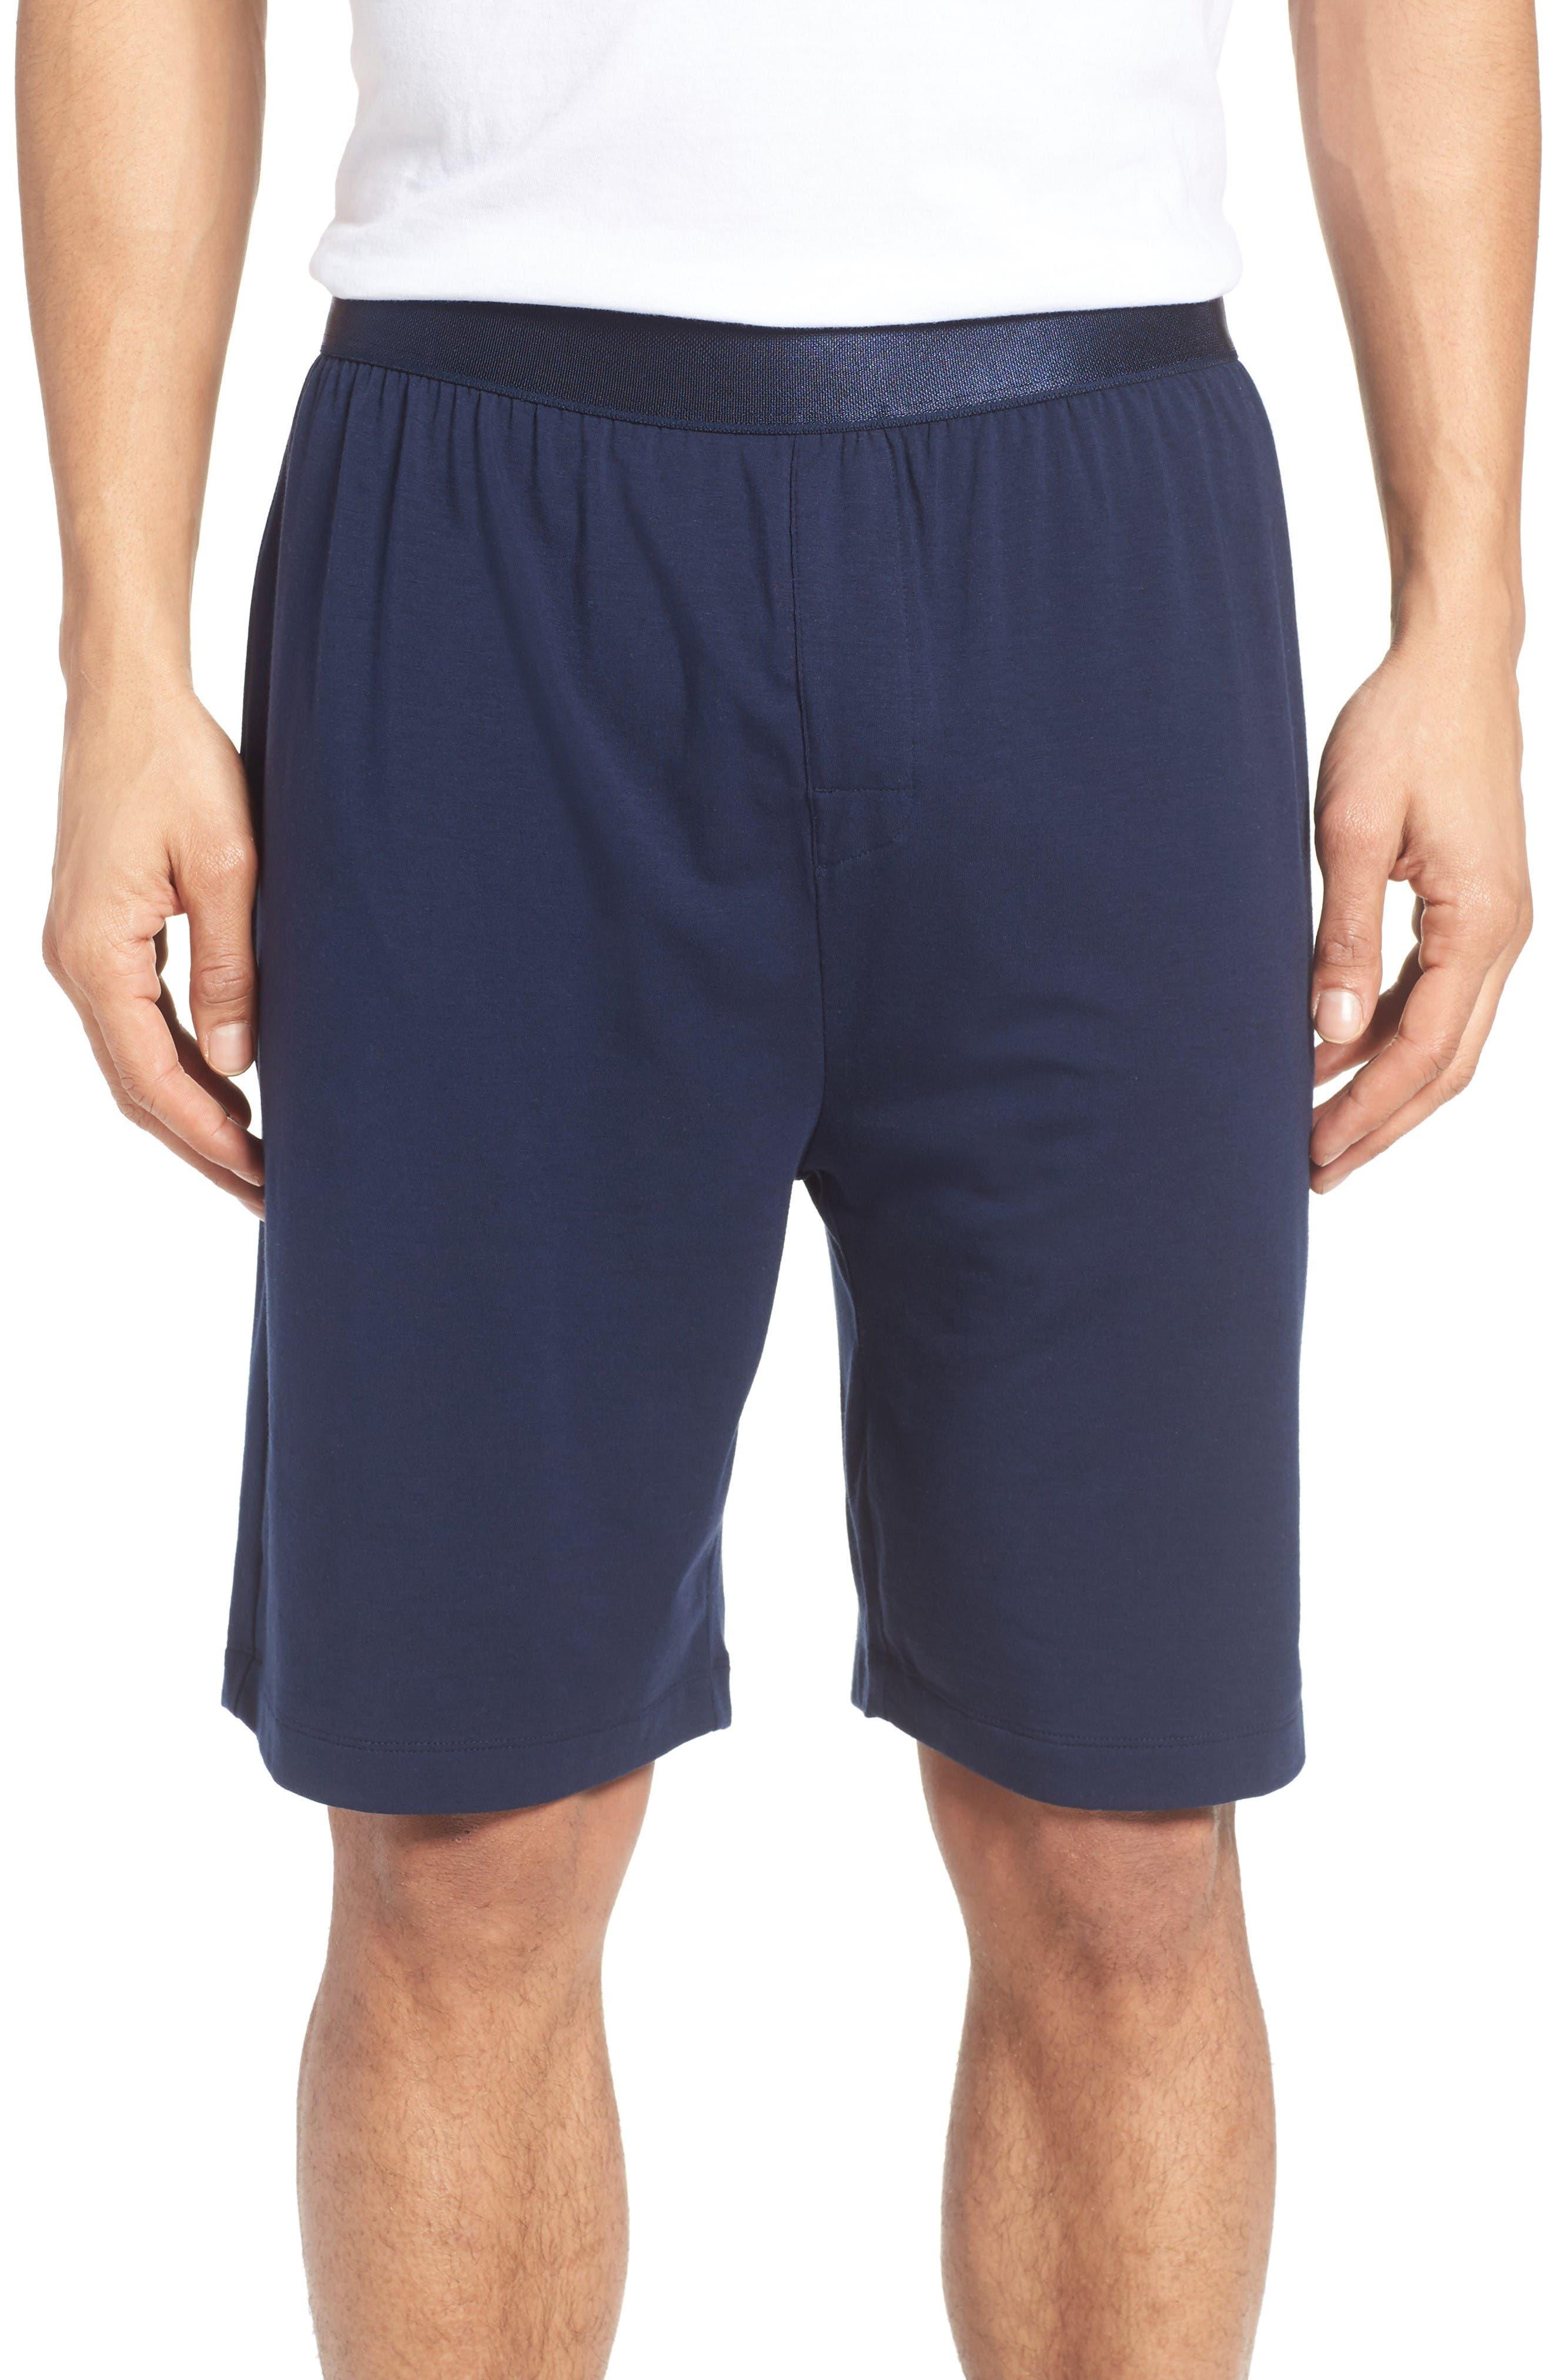 Nordstrom Men's Shop Micromodal Blend Lounge Shorts